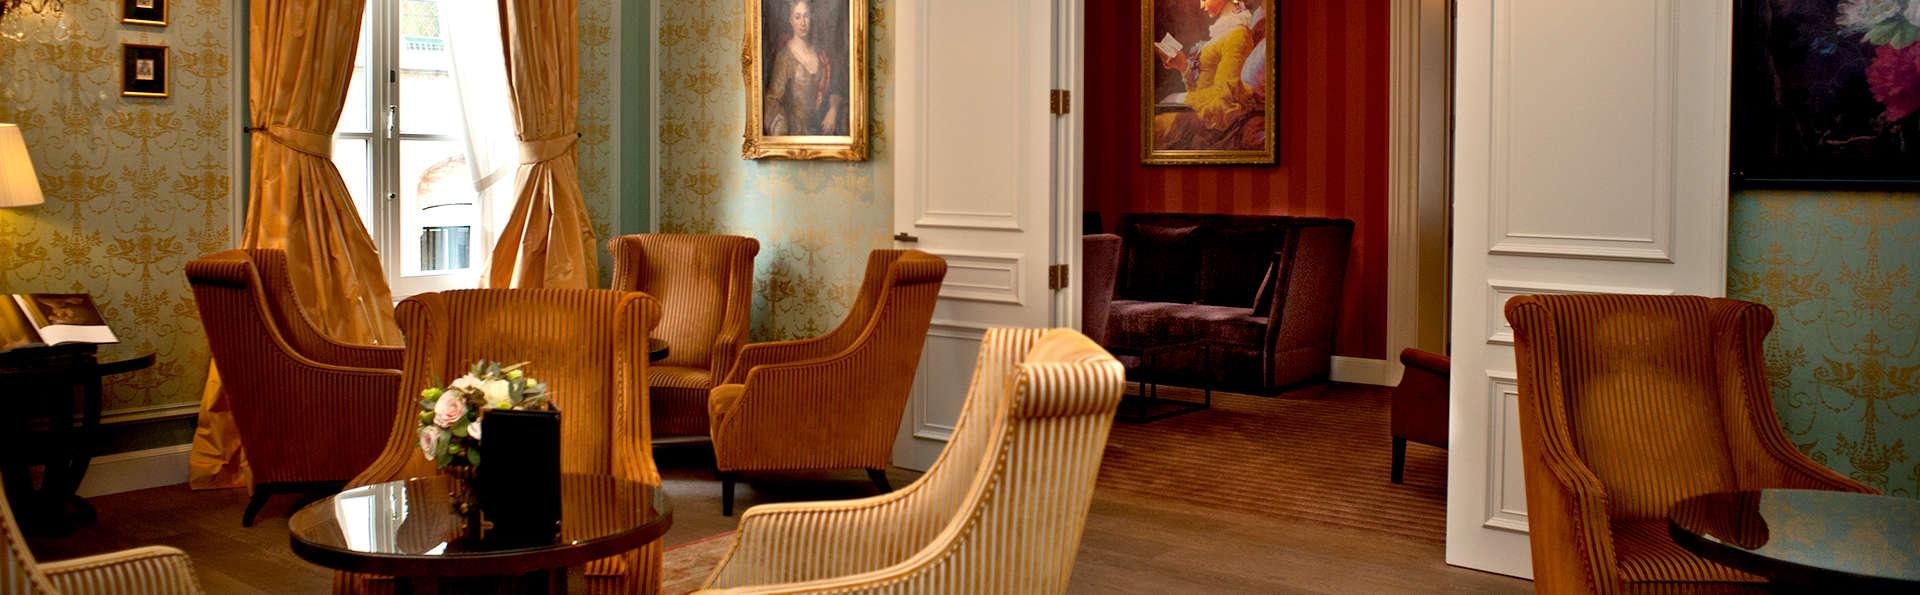 Grand Hotel Casselbergh Brugge - EDIT_NEW_LOUNGE2.jpg